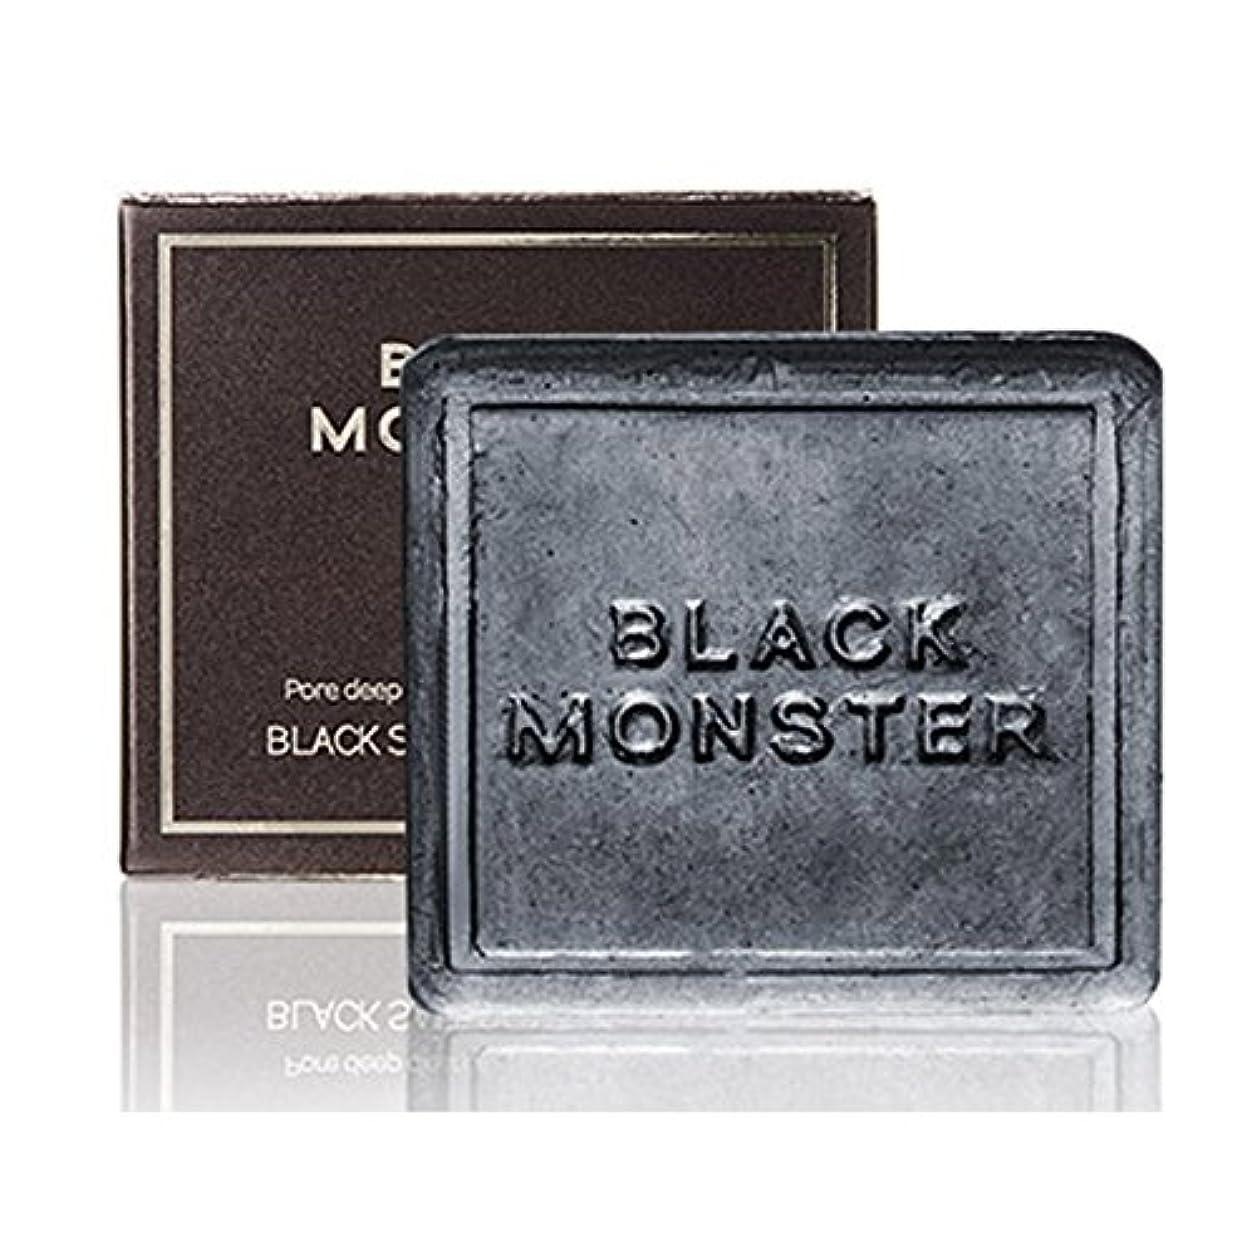 泣き叫ぶ化粧気絶させる[ブレンクTV] blanktv Black Monster ブラックソルトコントロールバー 120g 海外直送品 black salt control bar [並行輸入品]